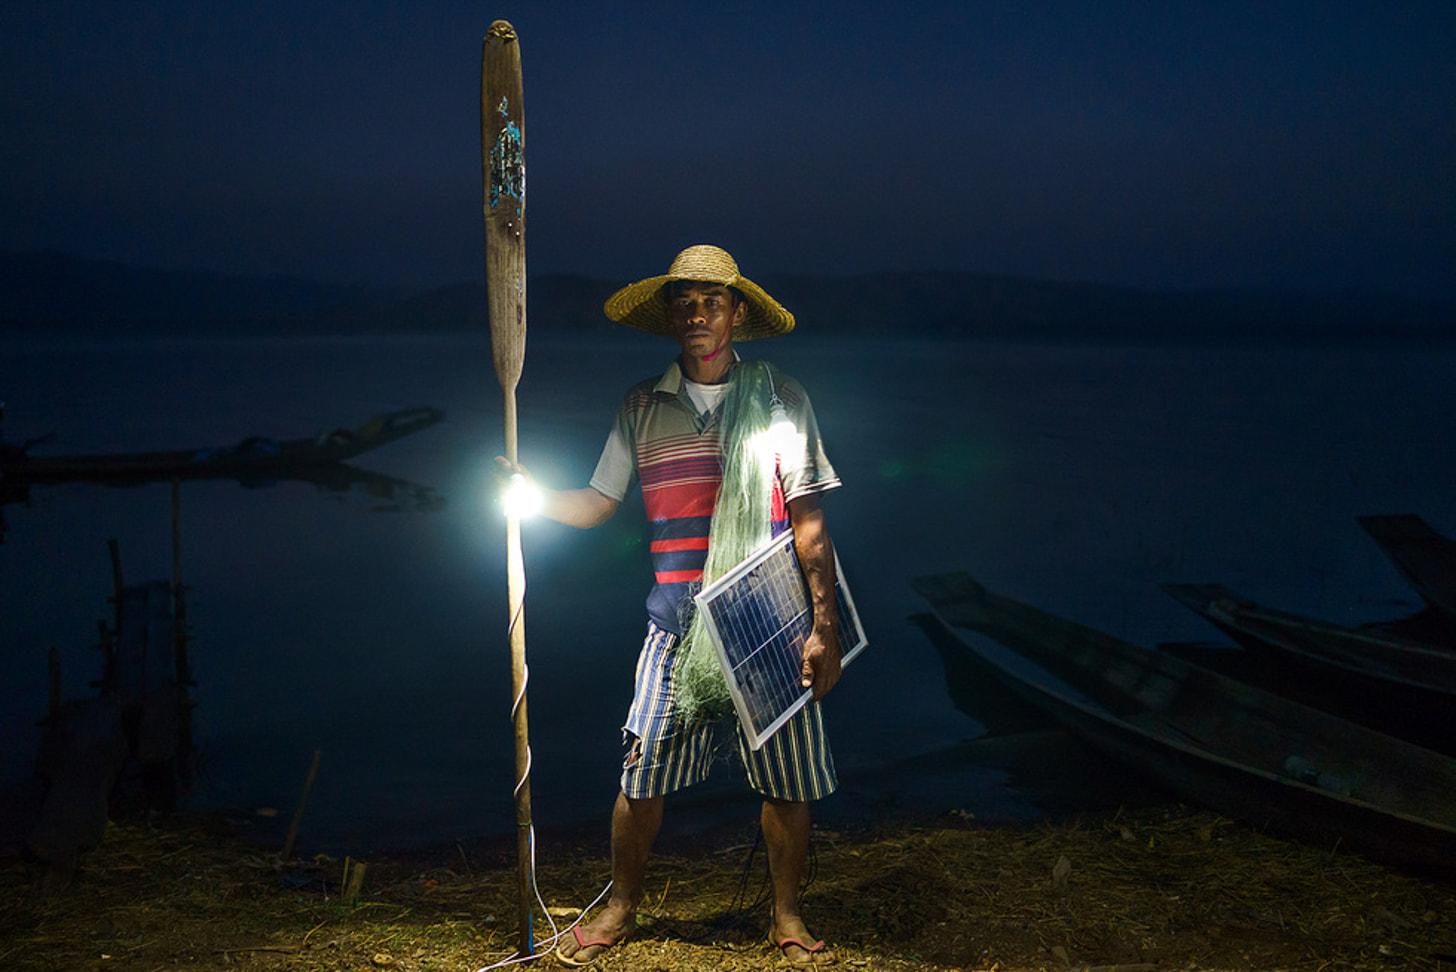 Retratos solares, por Rubén Salgado